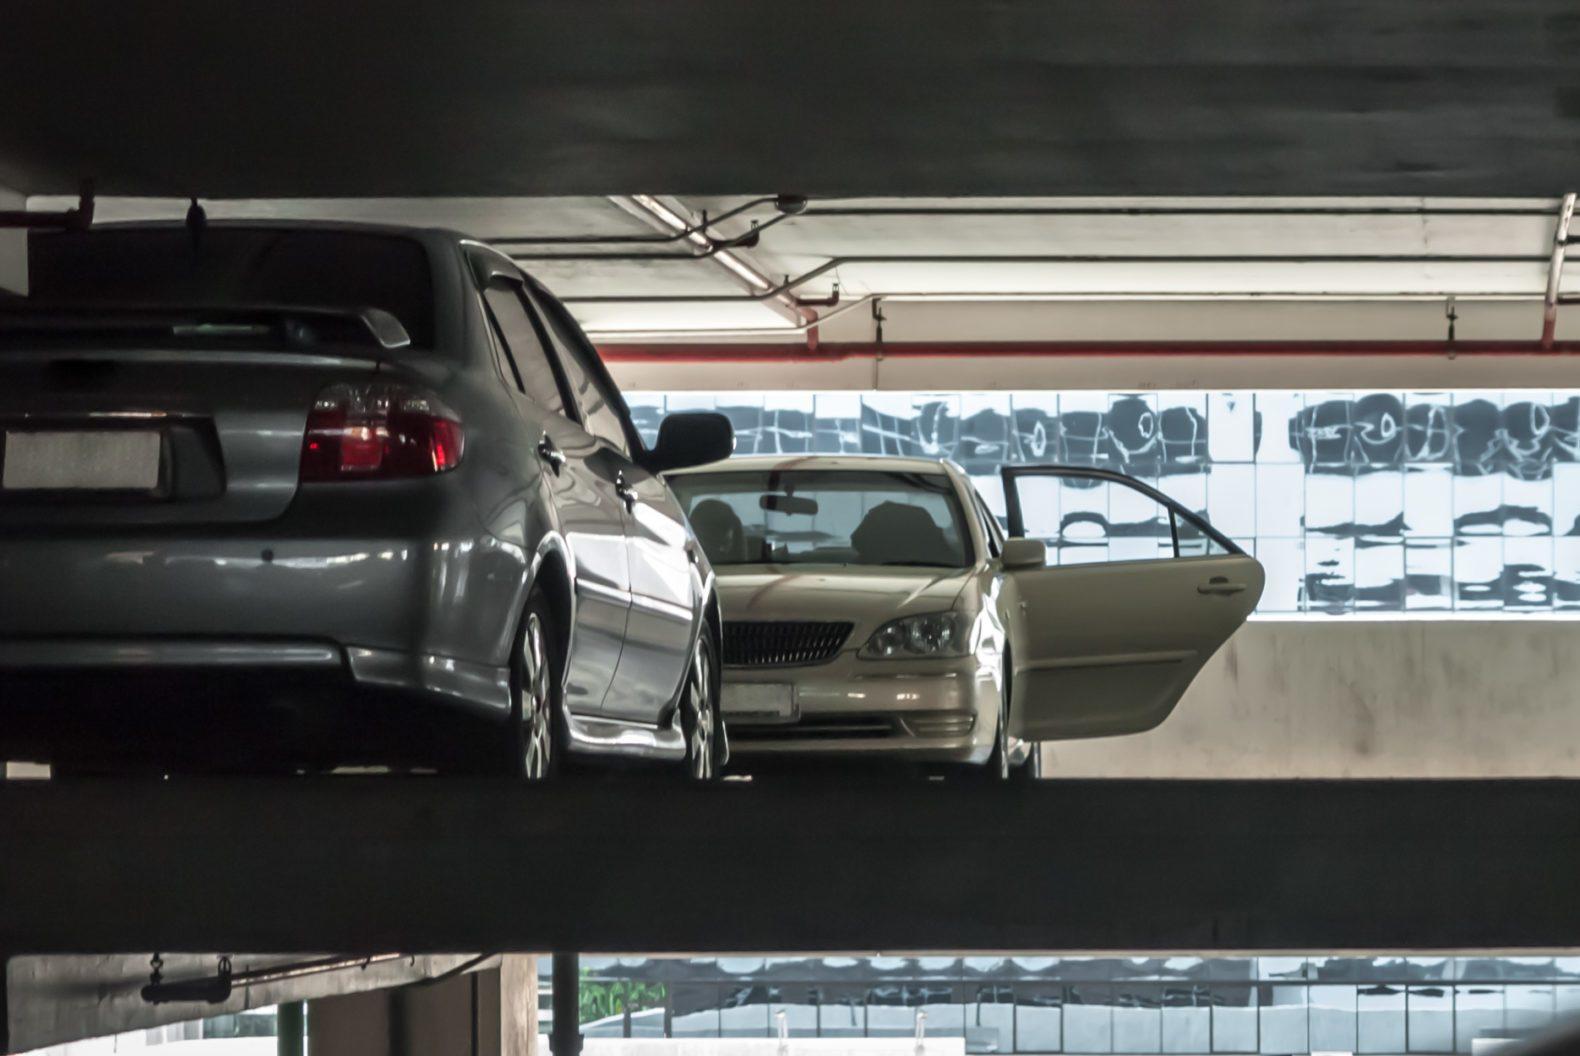 Indoor car parking